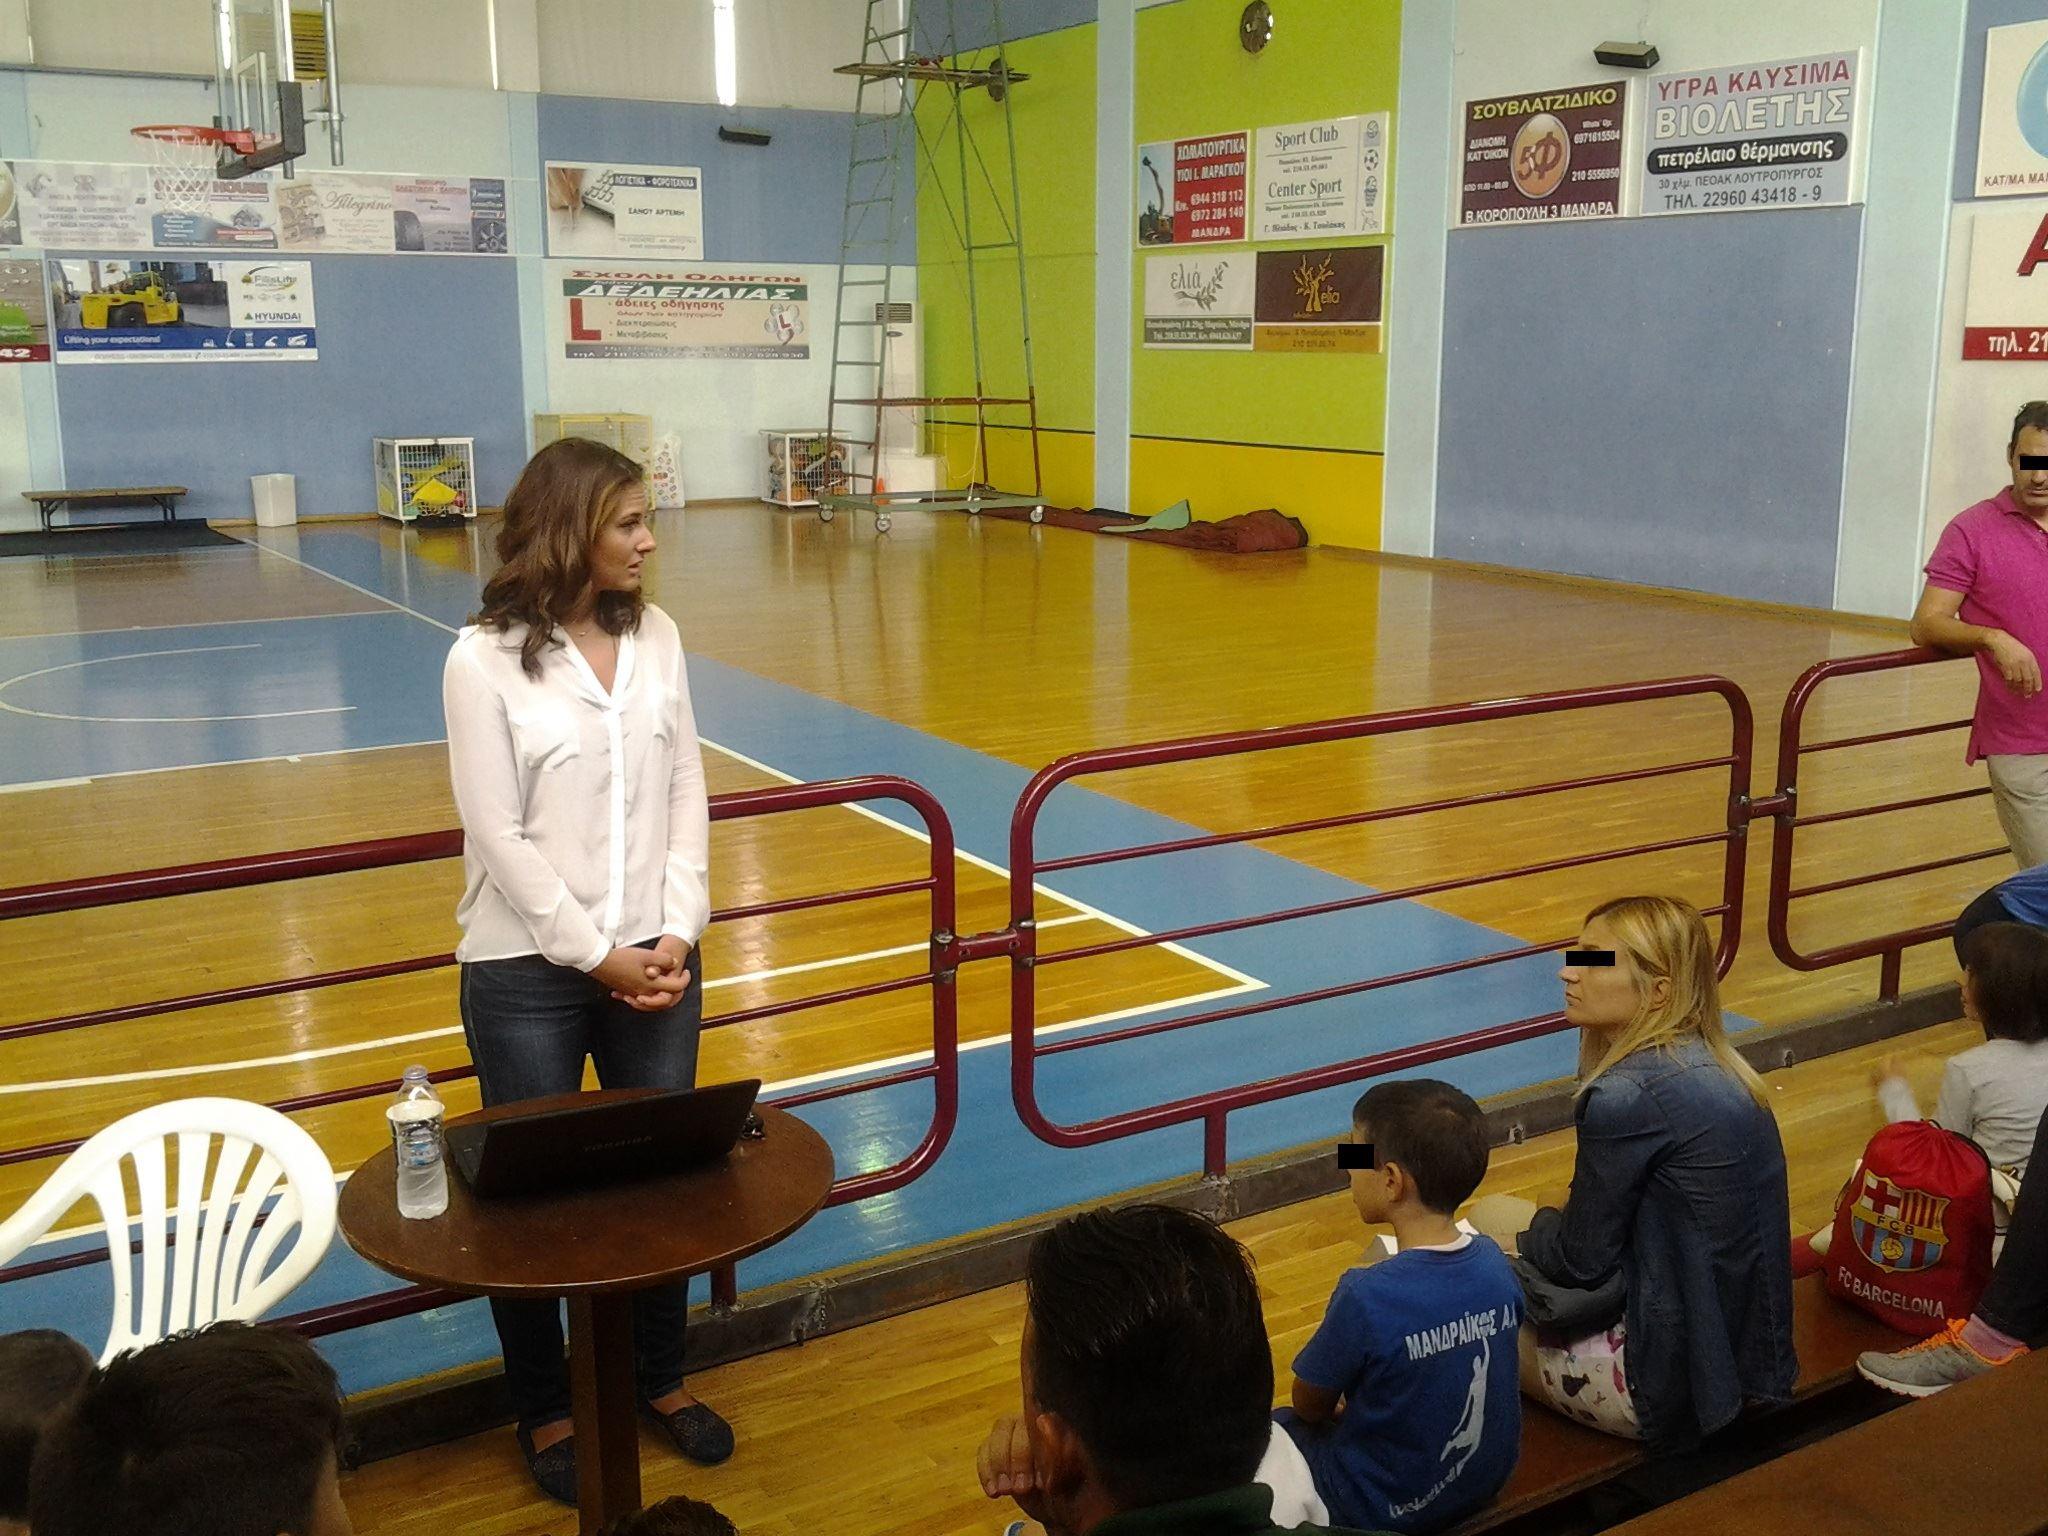 Ομιλία σε γονείς και μικρούς αθλητές Μπάσκετ